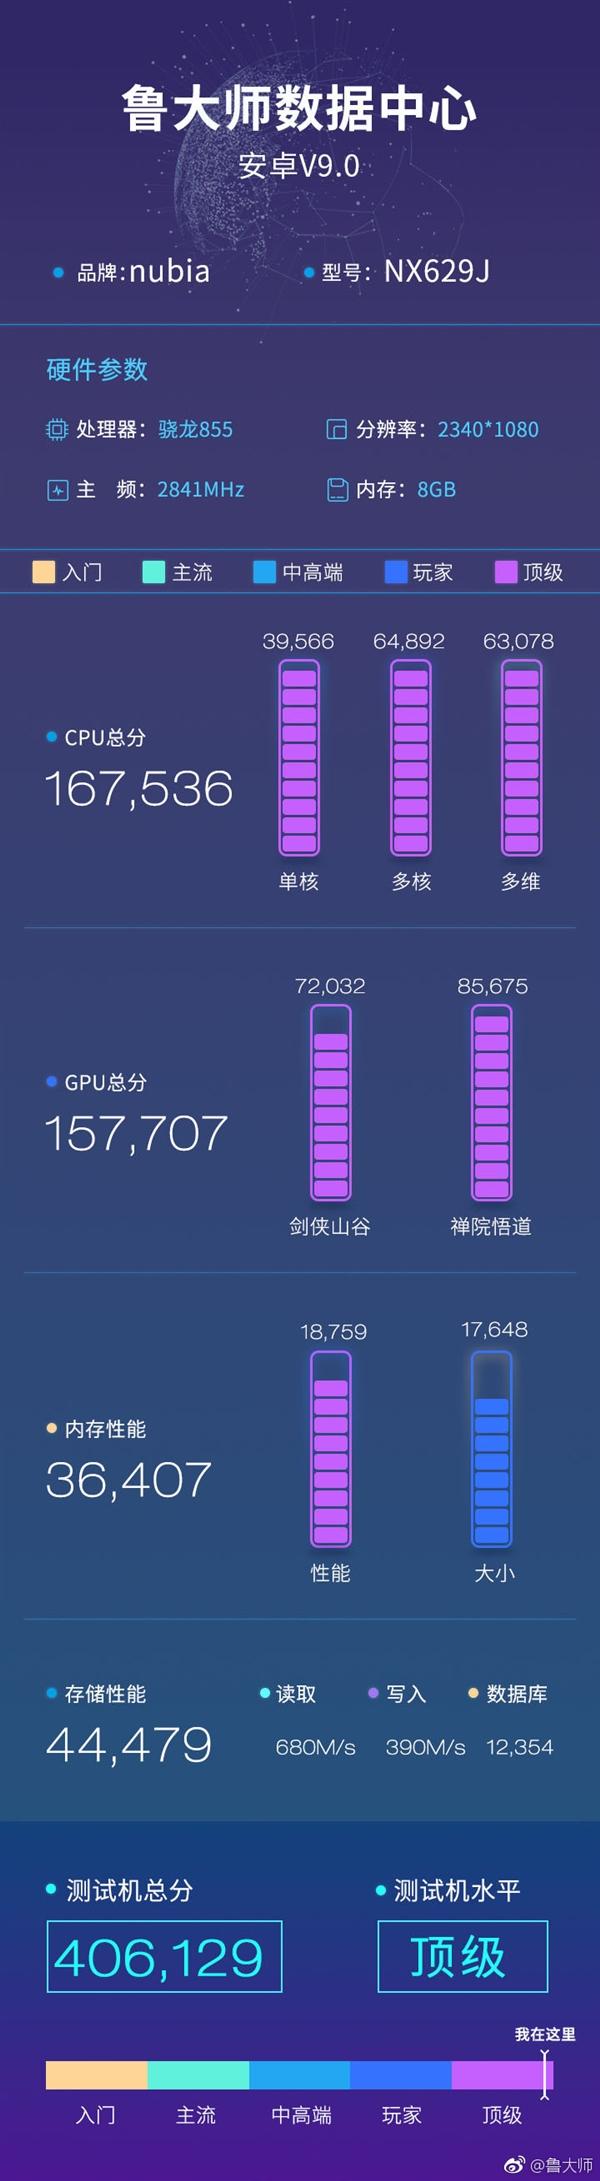 努比亚红魔3揭秘:骁龙855+不少于5000mAh电池